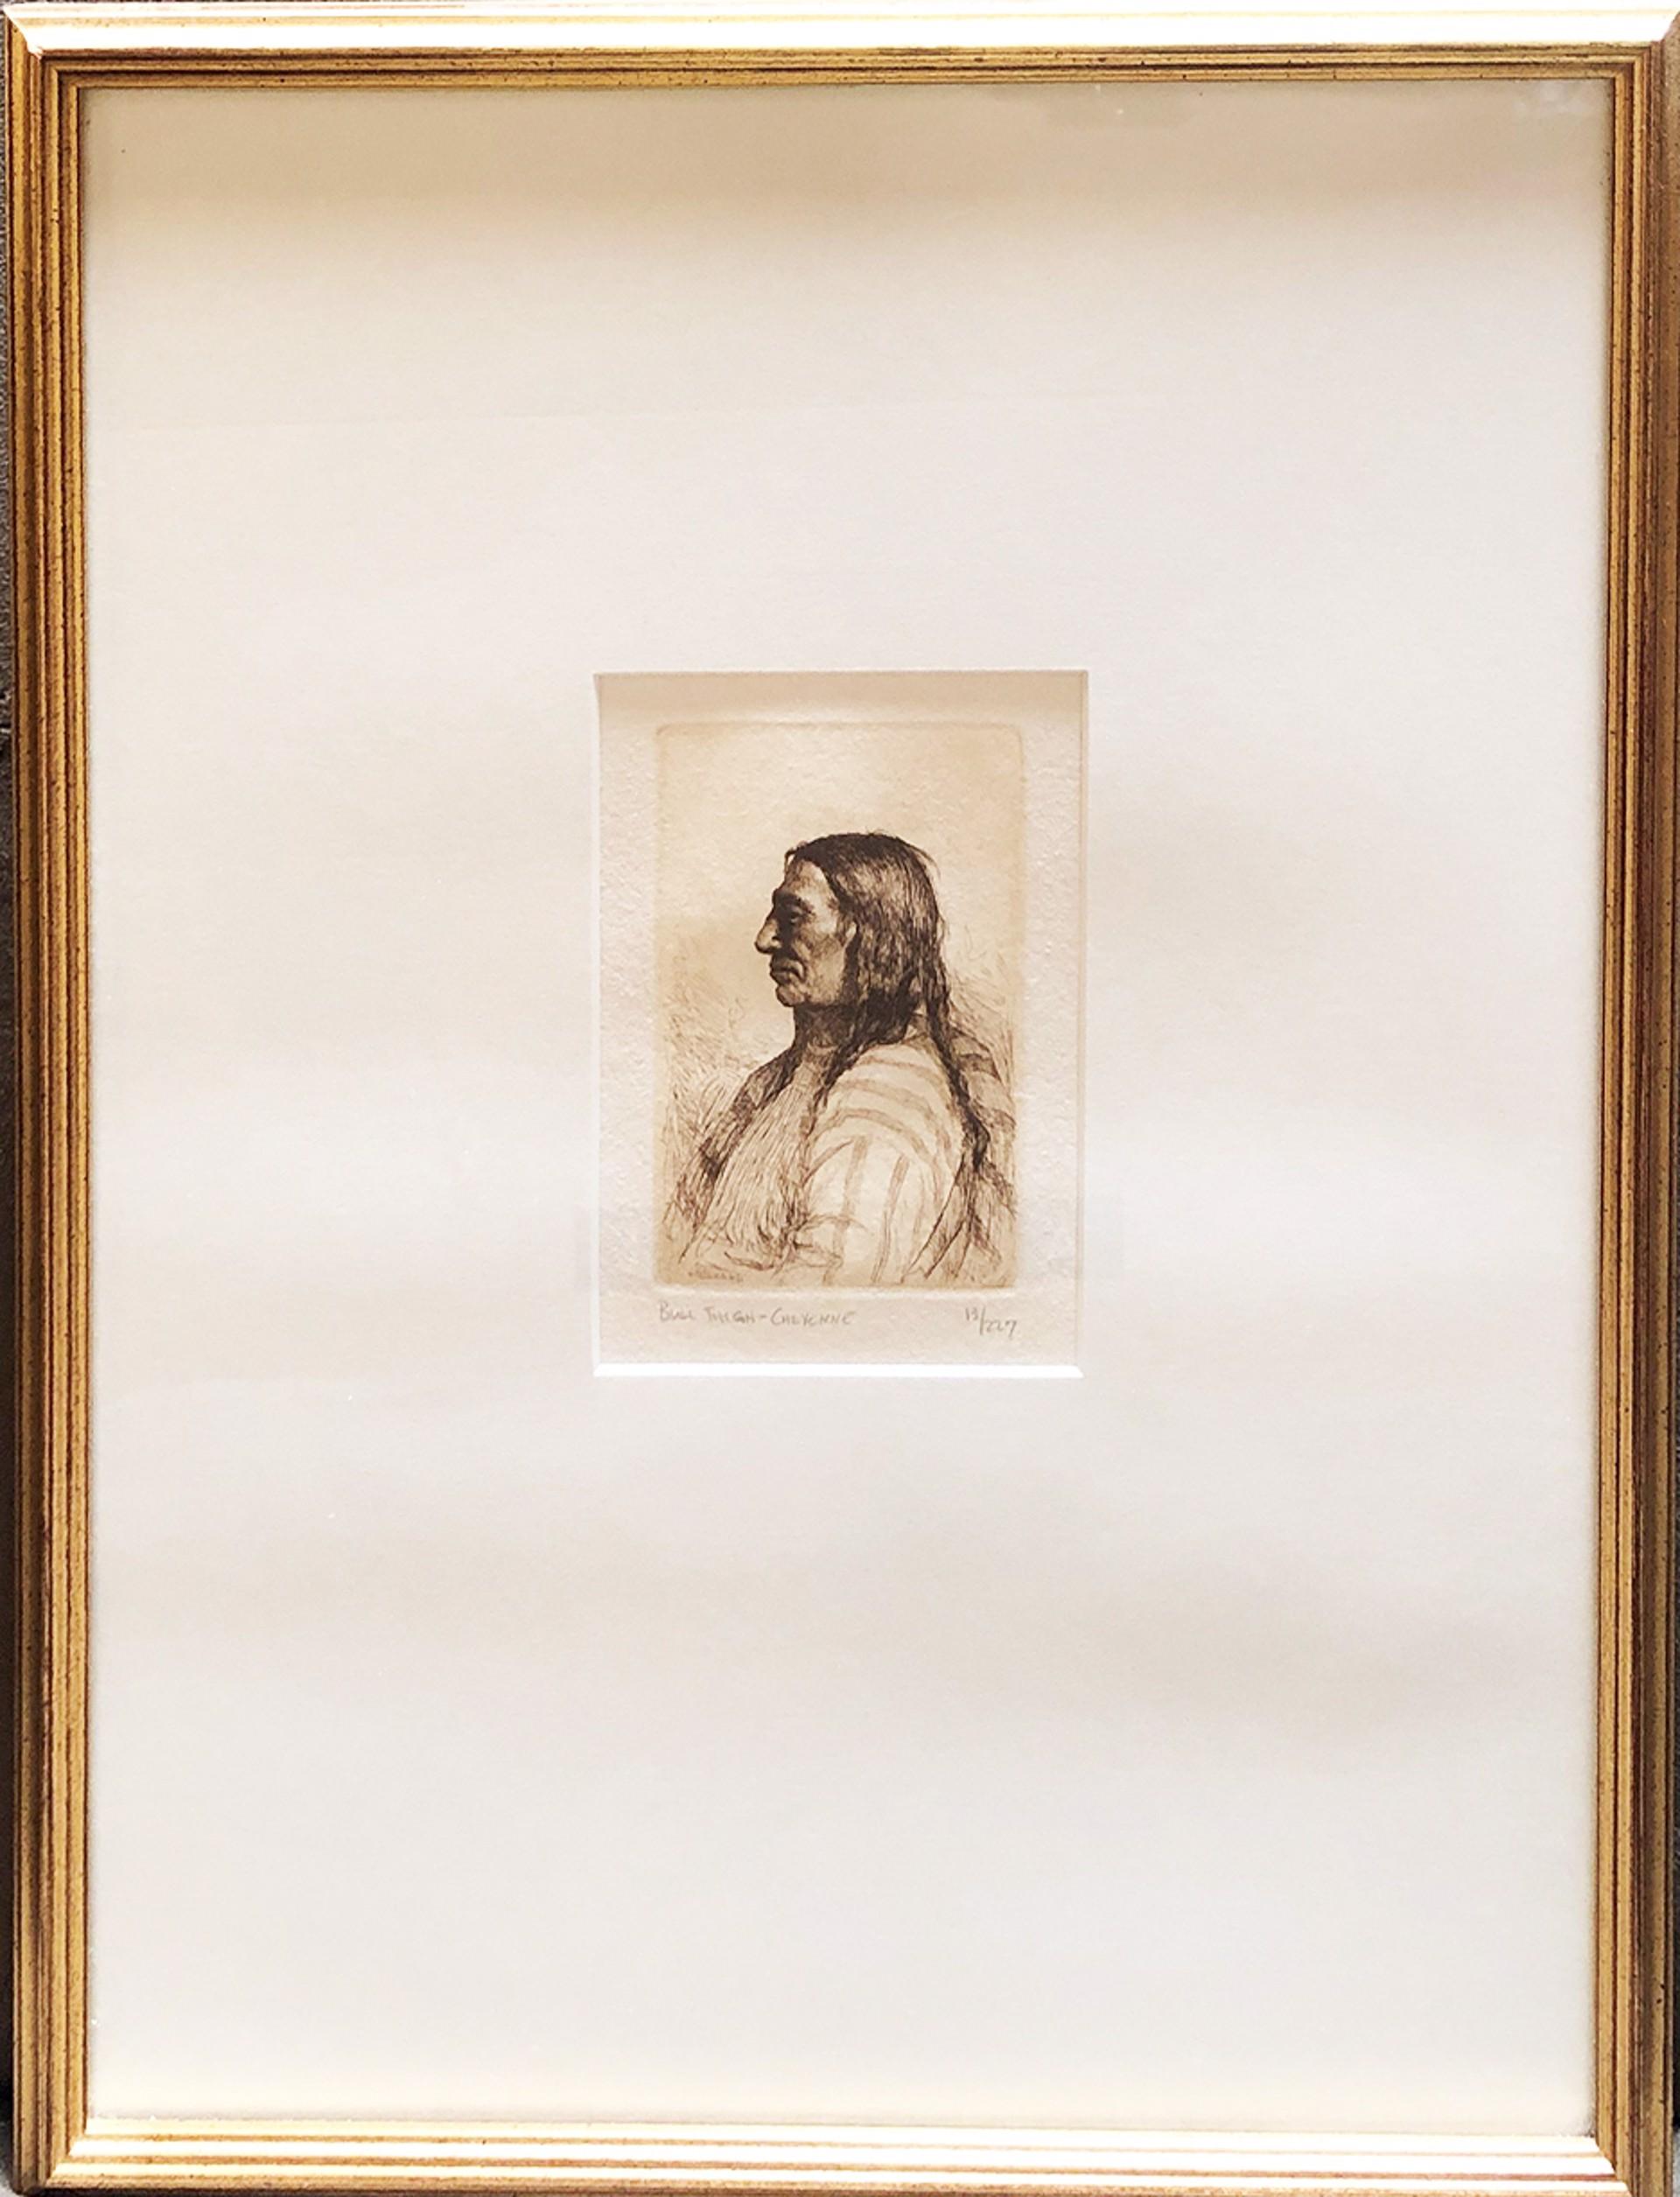 Bull Thigh-Cheyenne by Joseph Sharp